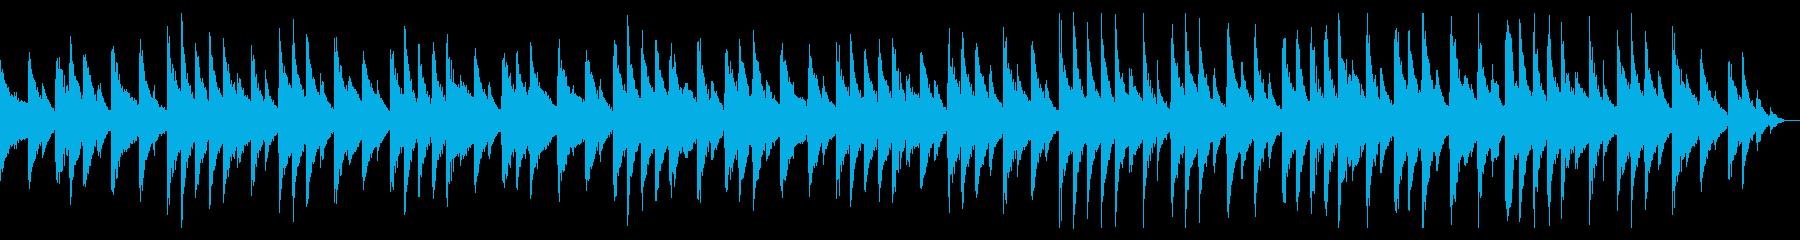 【ループ】事件、ニュース、報道用BGMの再生済みの波形